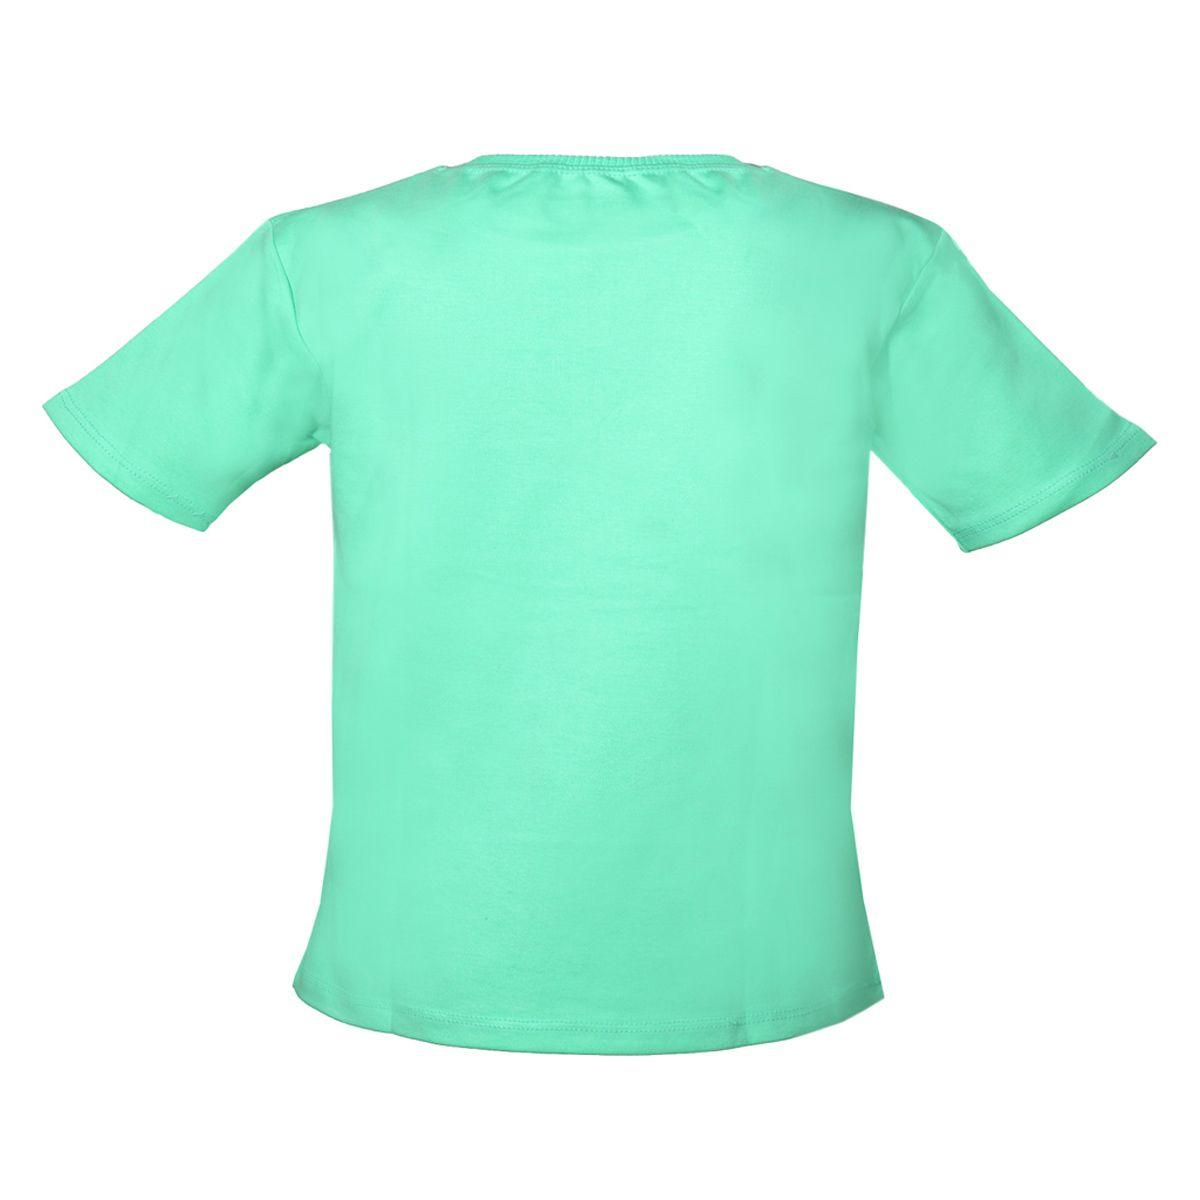 ست تی شرت و شلوارک پسرانه کد 4170 -  - 3